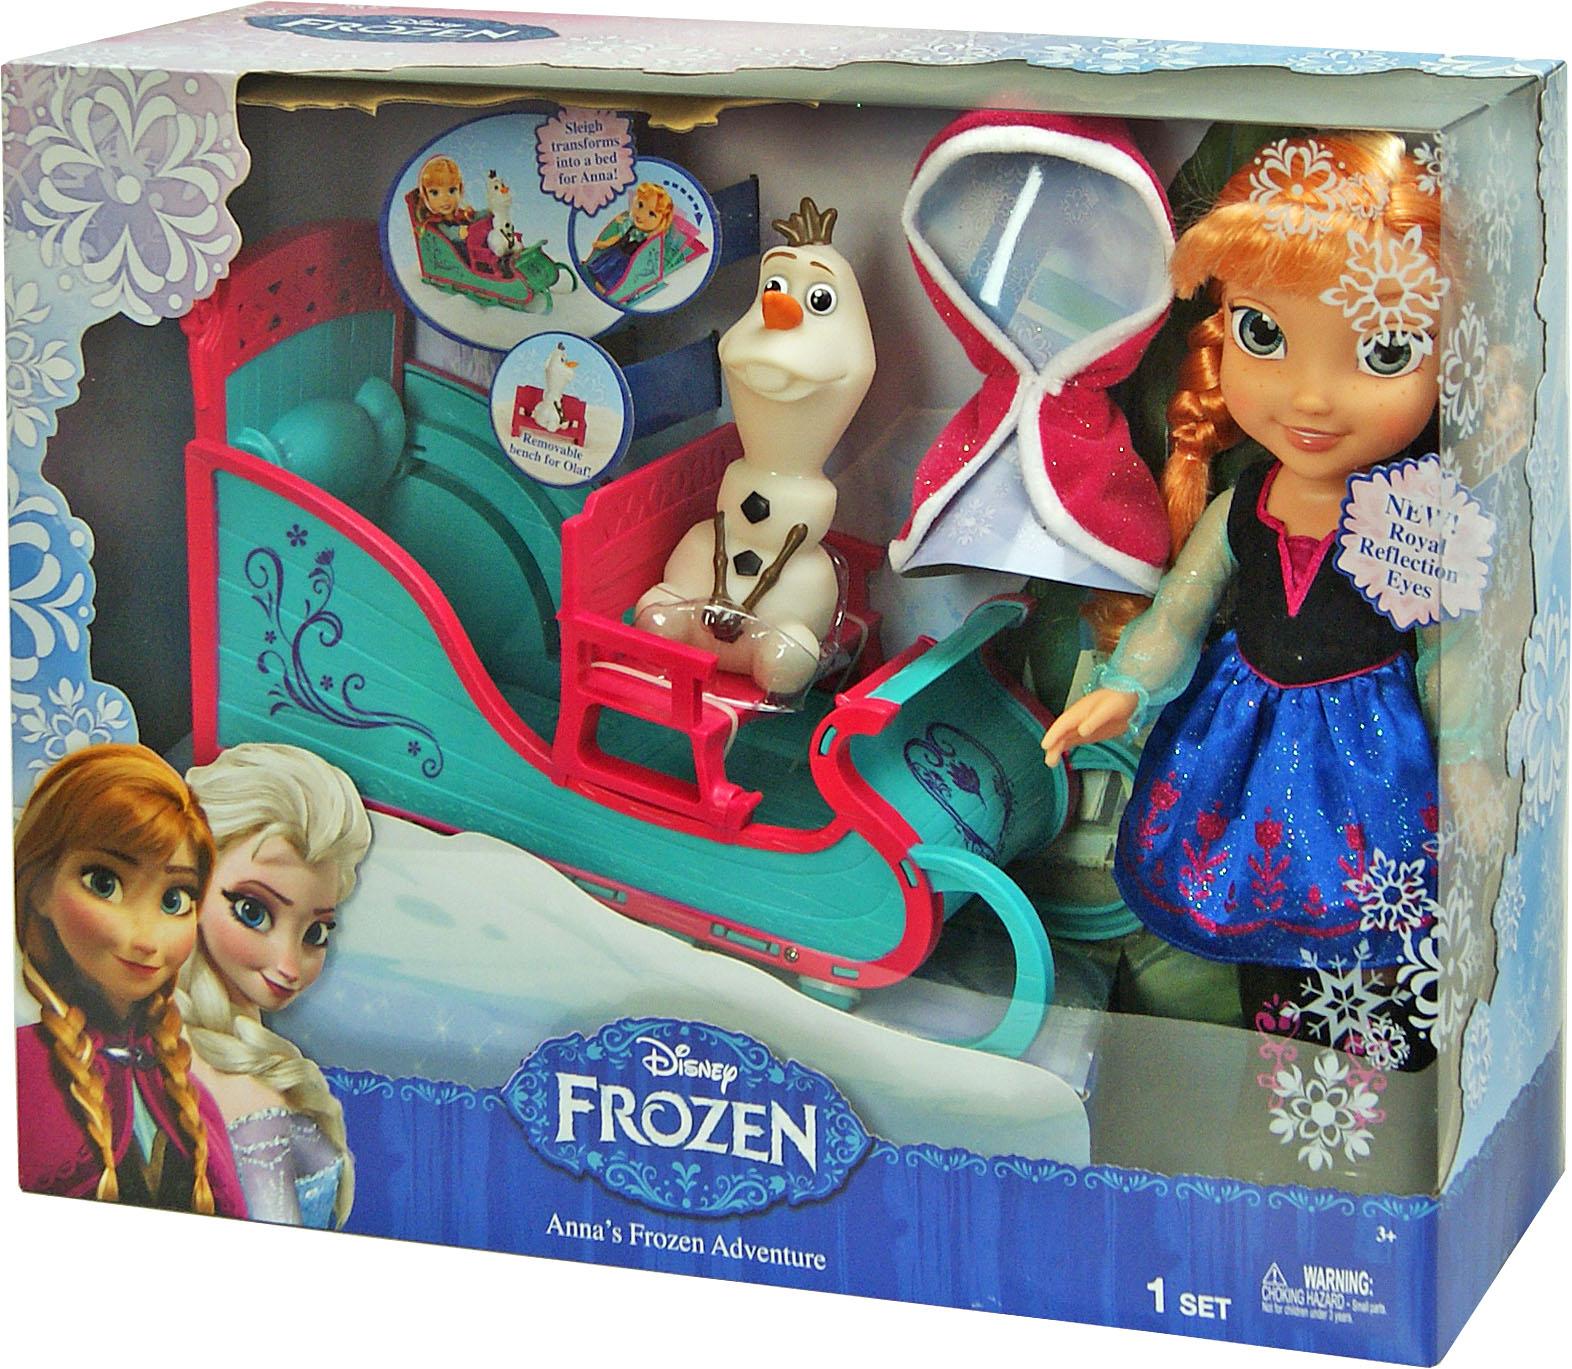 Іграшка лялька Frozen Анна і Олаф арт.31075 в кор. 16,5*51*38см